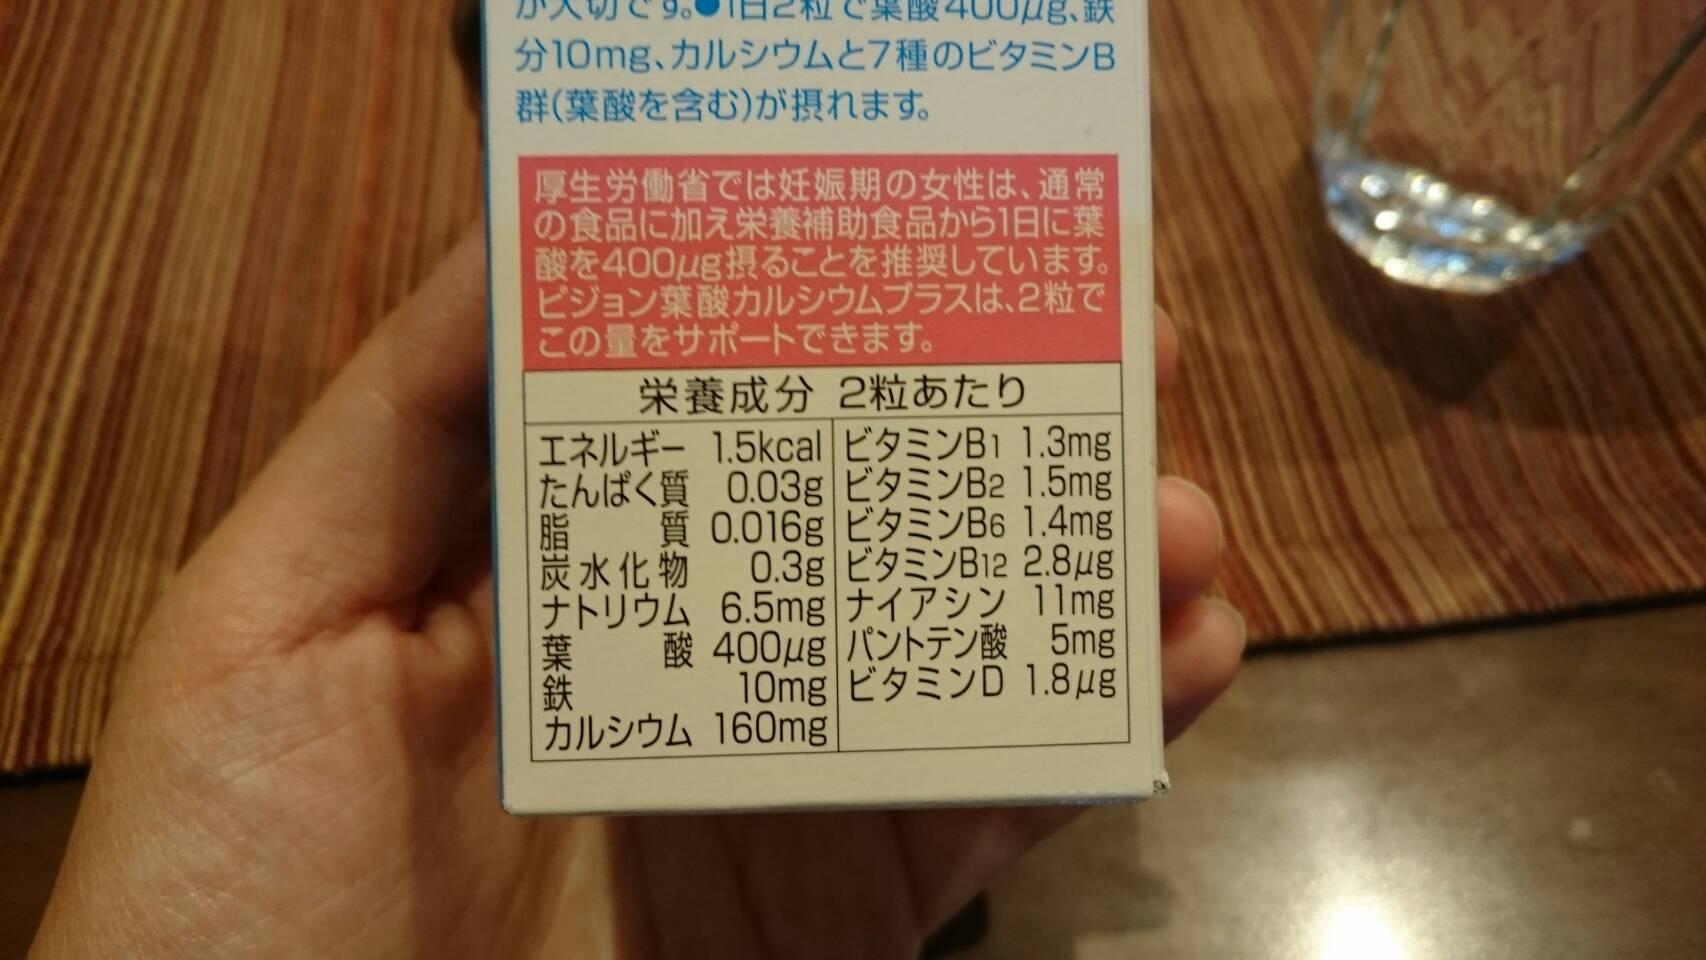 ピジョンの葉酸カルシウムプラスの栄養成分